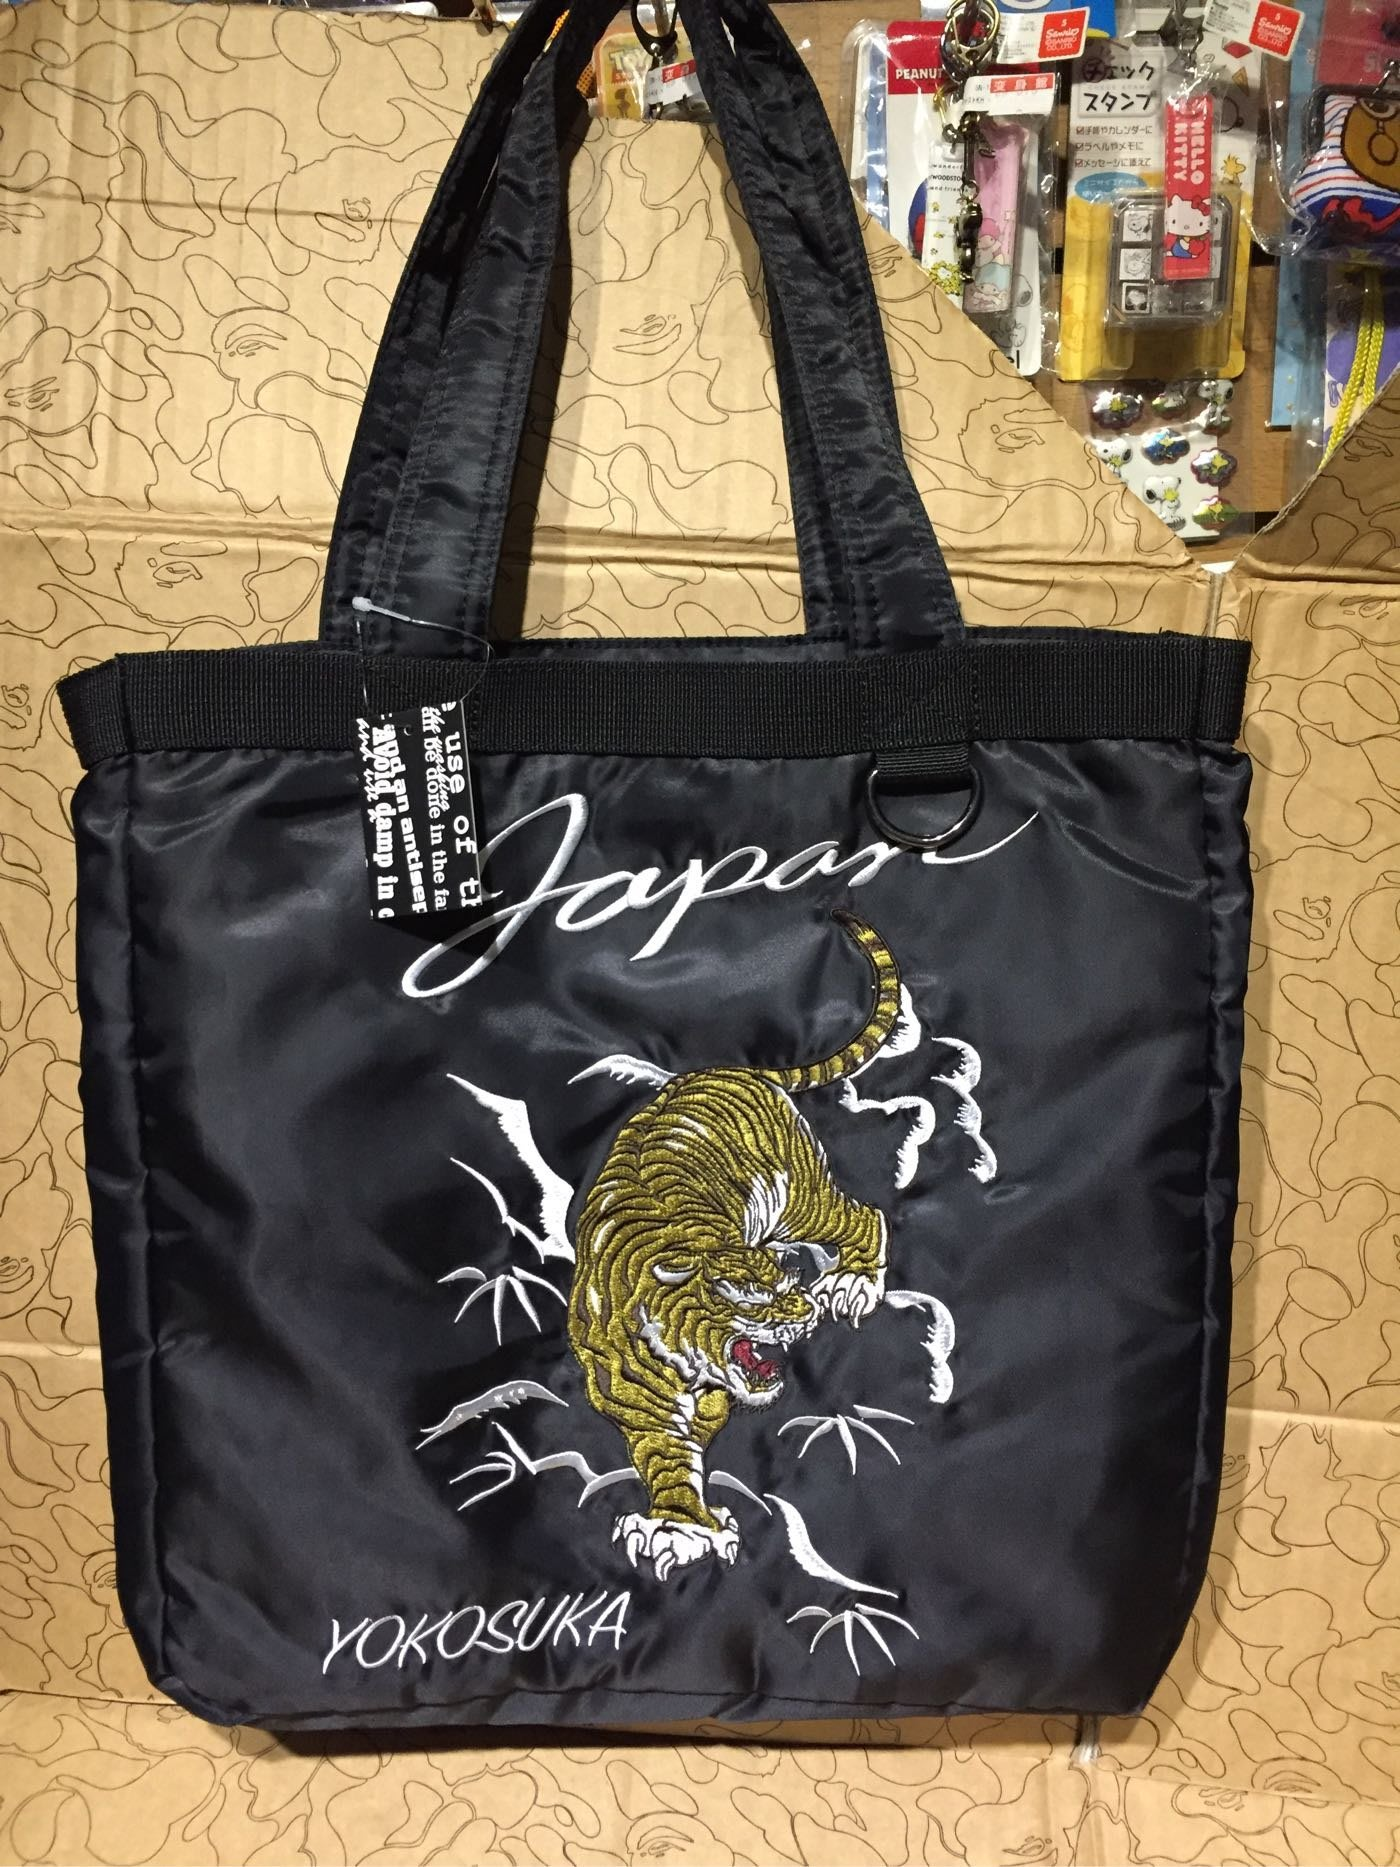 [變身館日本服飾]~Avoid damp~虎~刺繡~橫須賀~書包~肩背包~拖特包~尼龍材質~日本購入~全新~現品~黑色